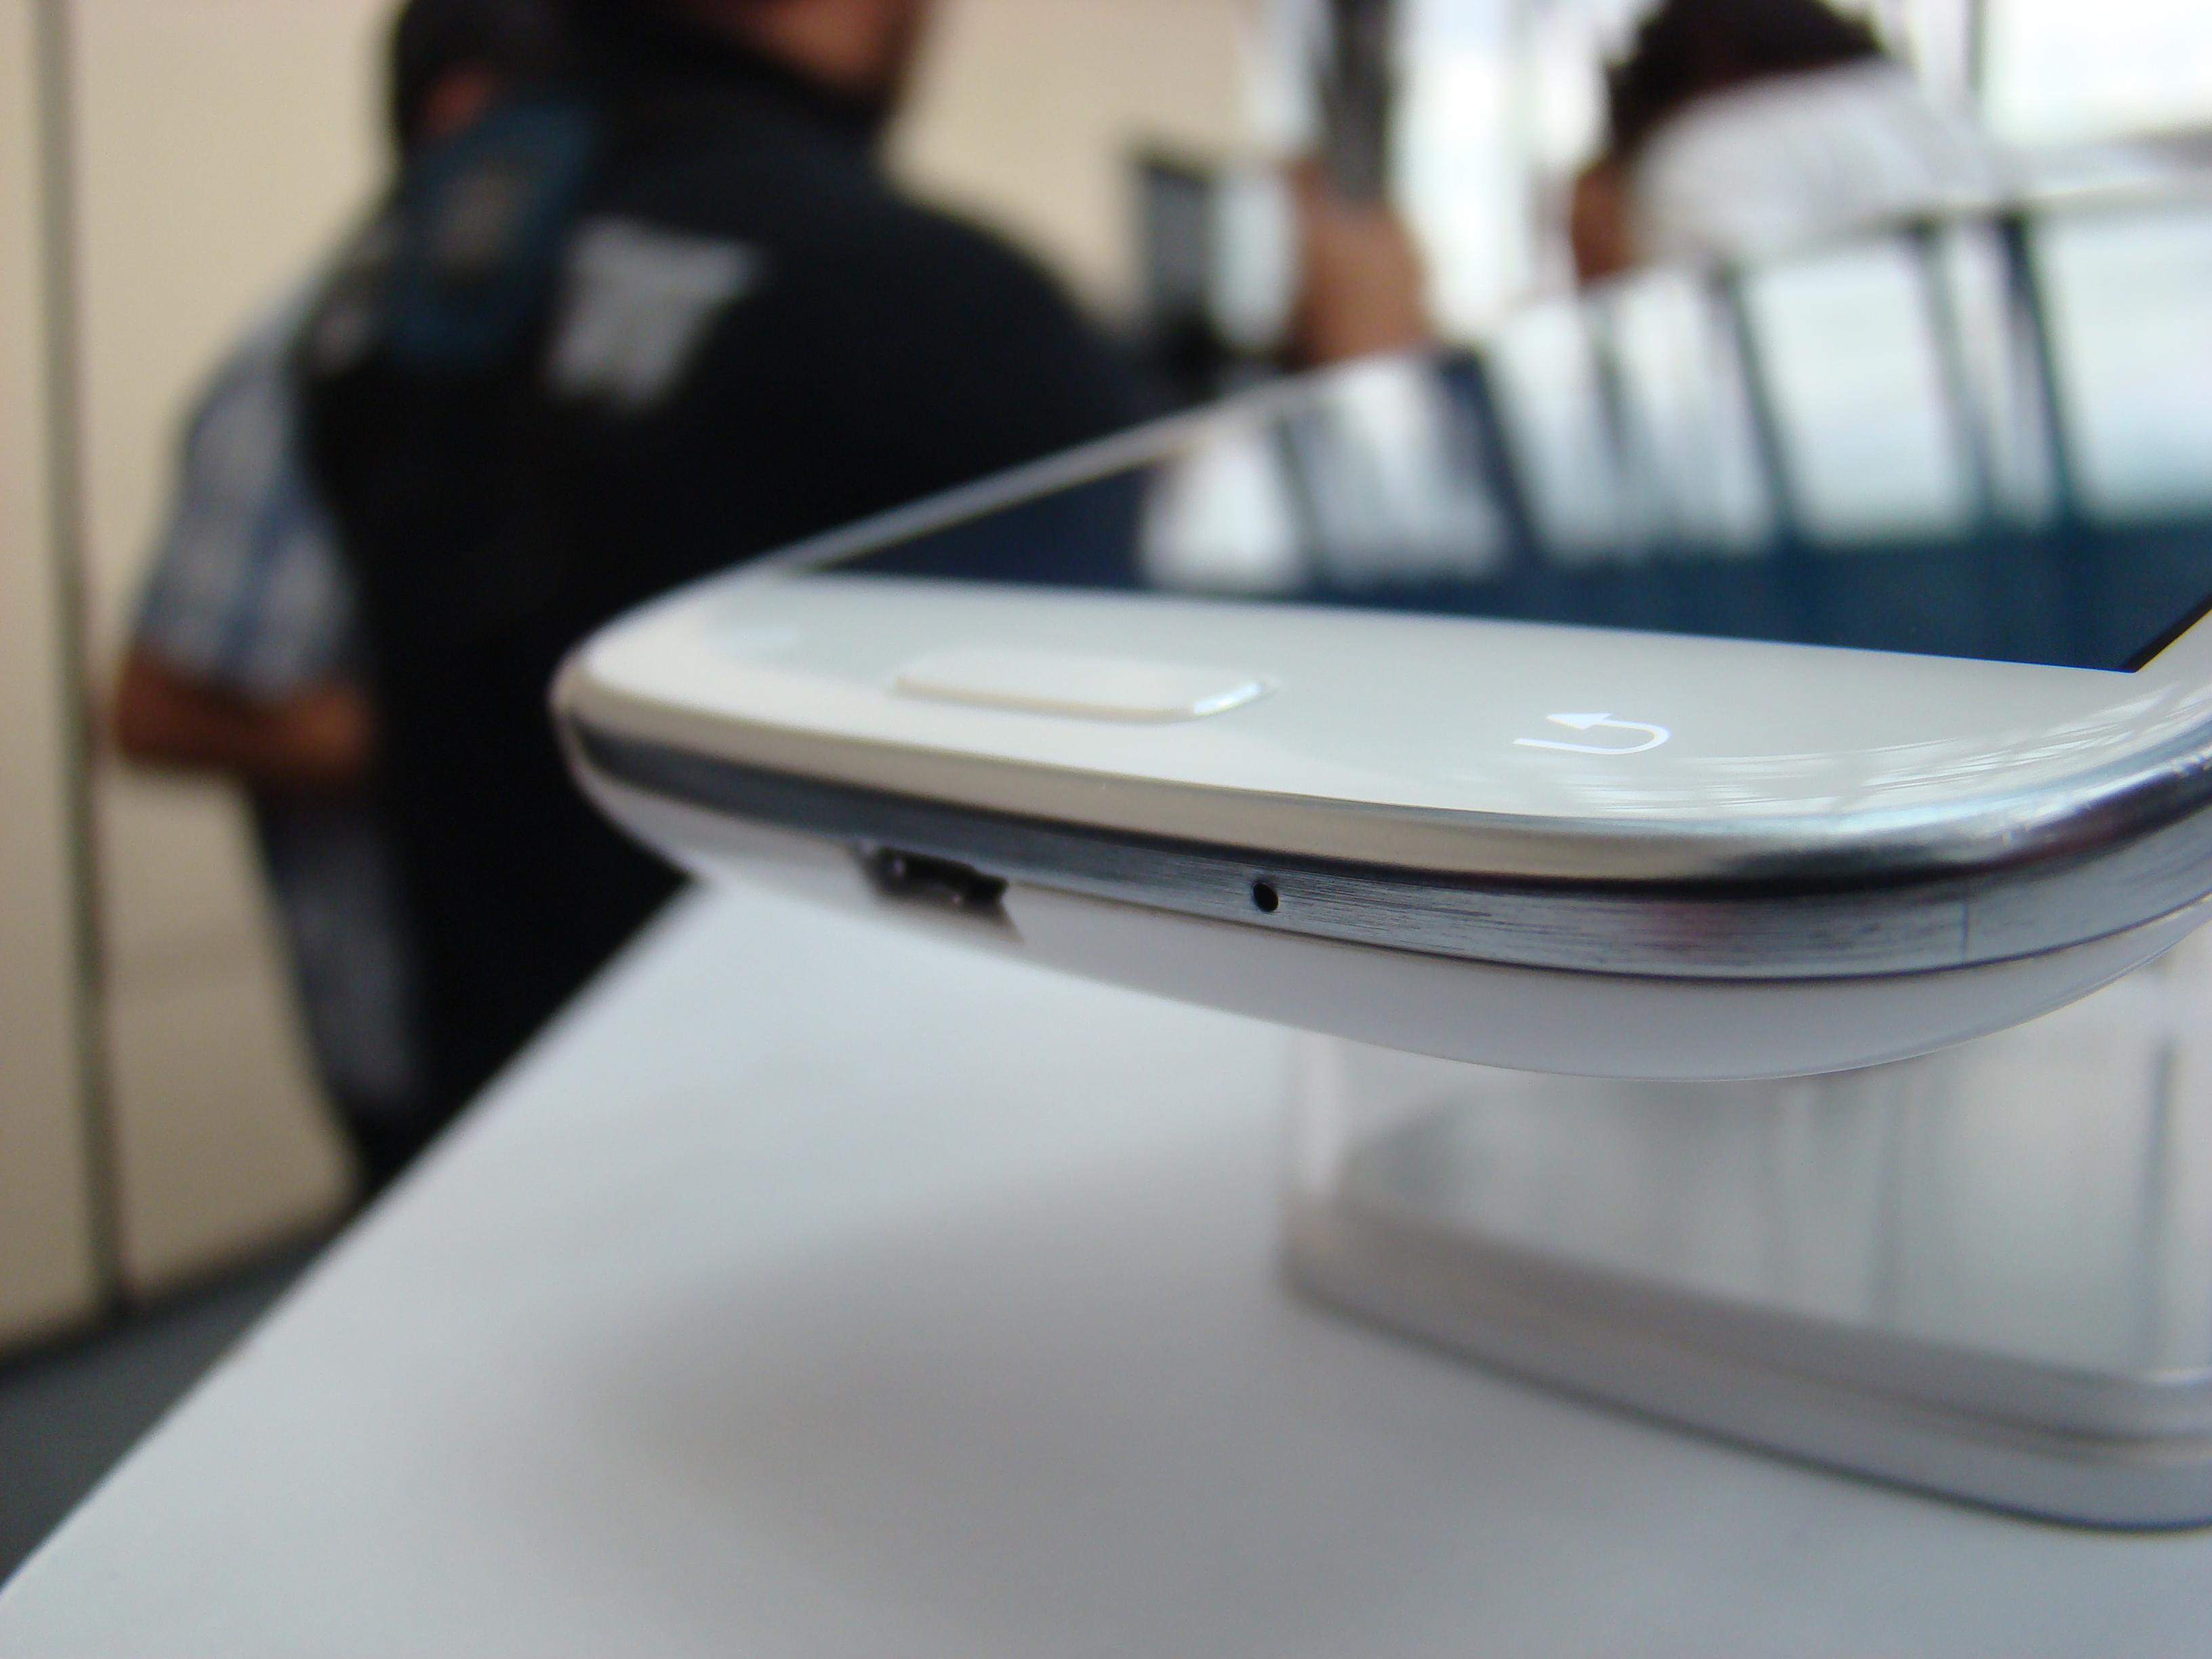 Samsung Galaxy S III  15